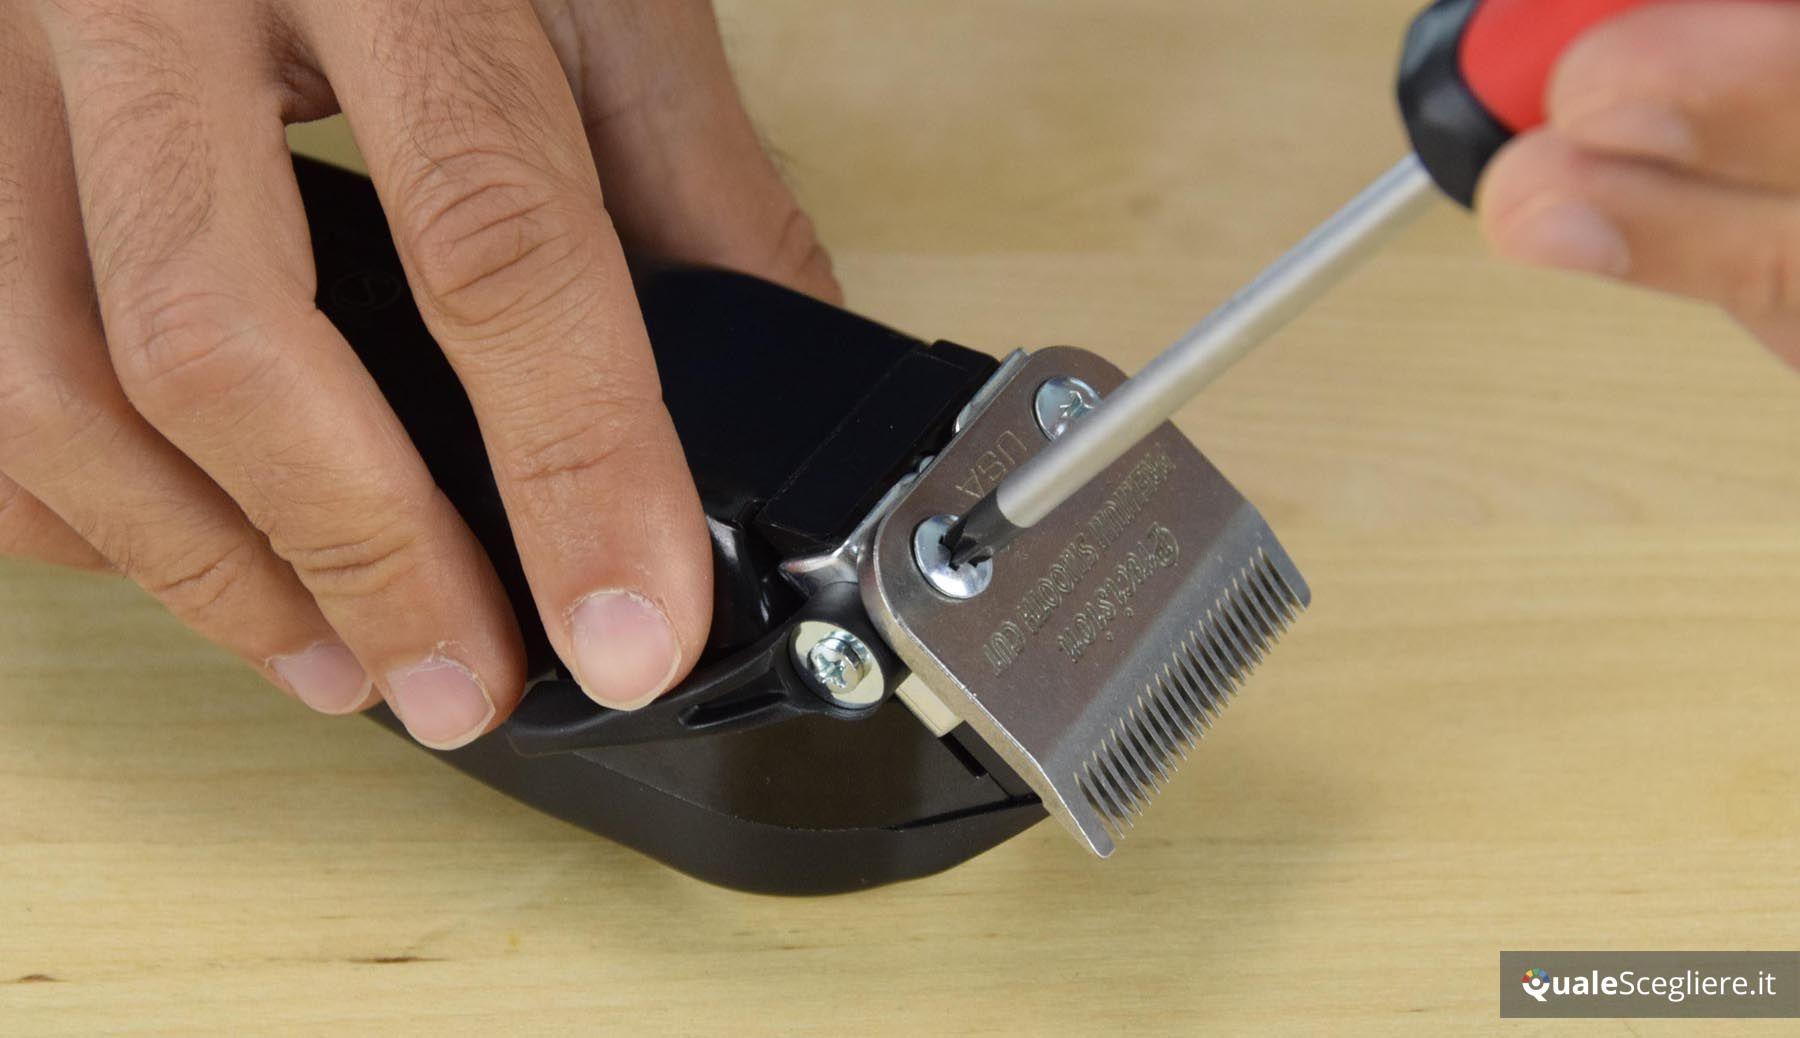 Tagliacapelli 1 mm